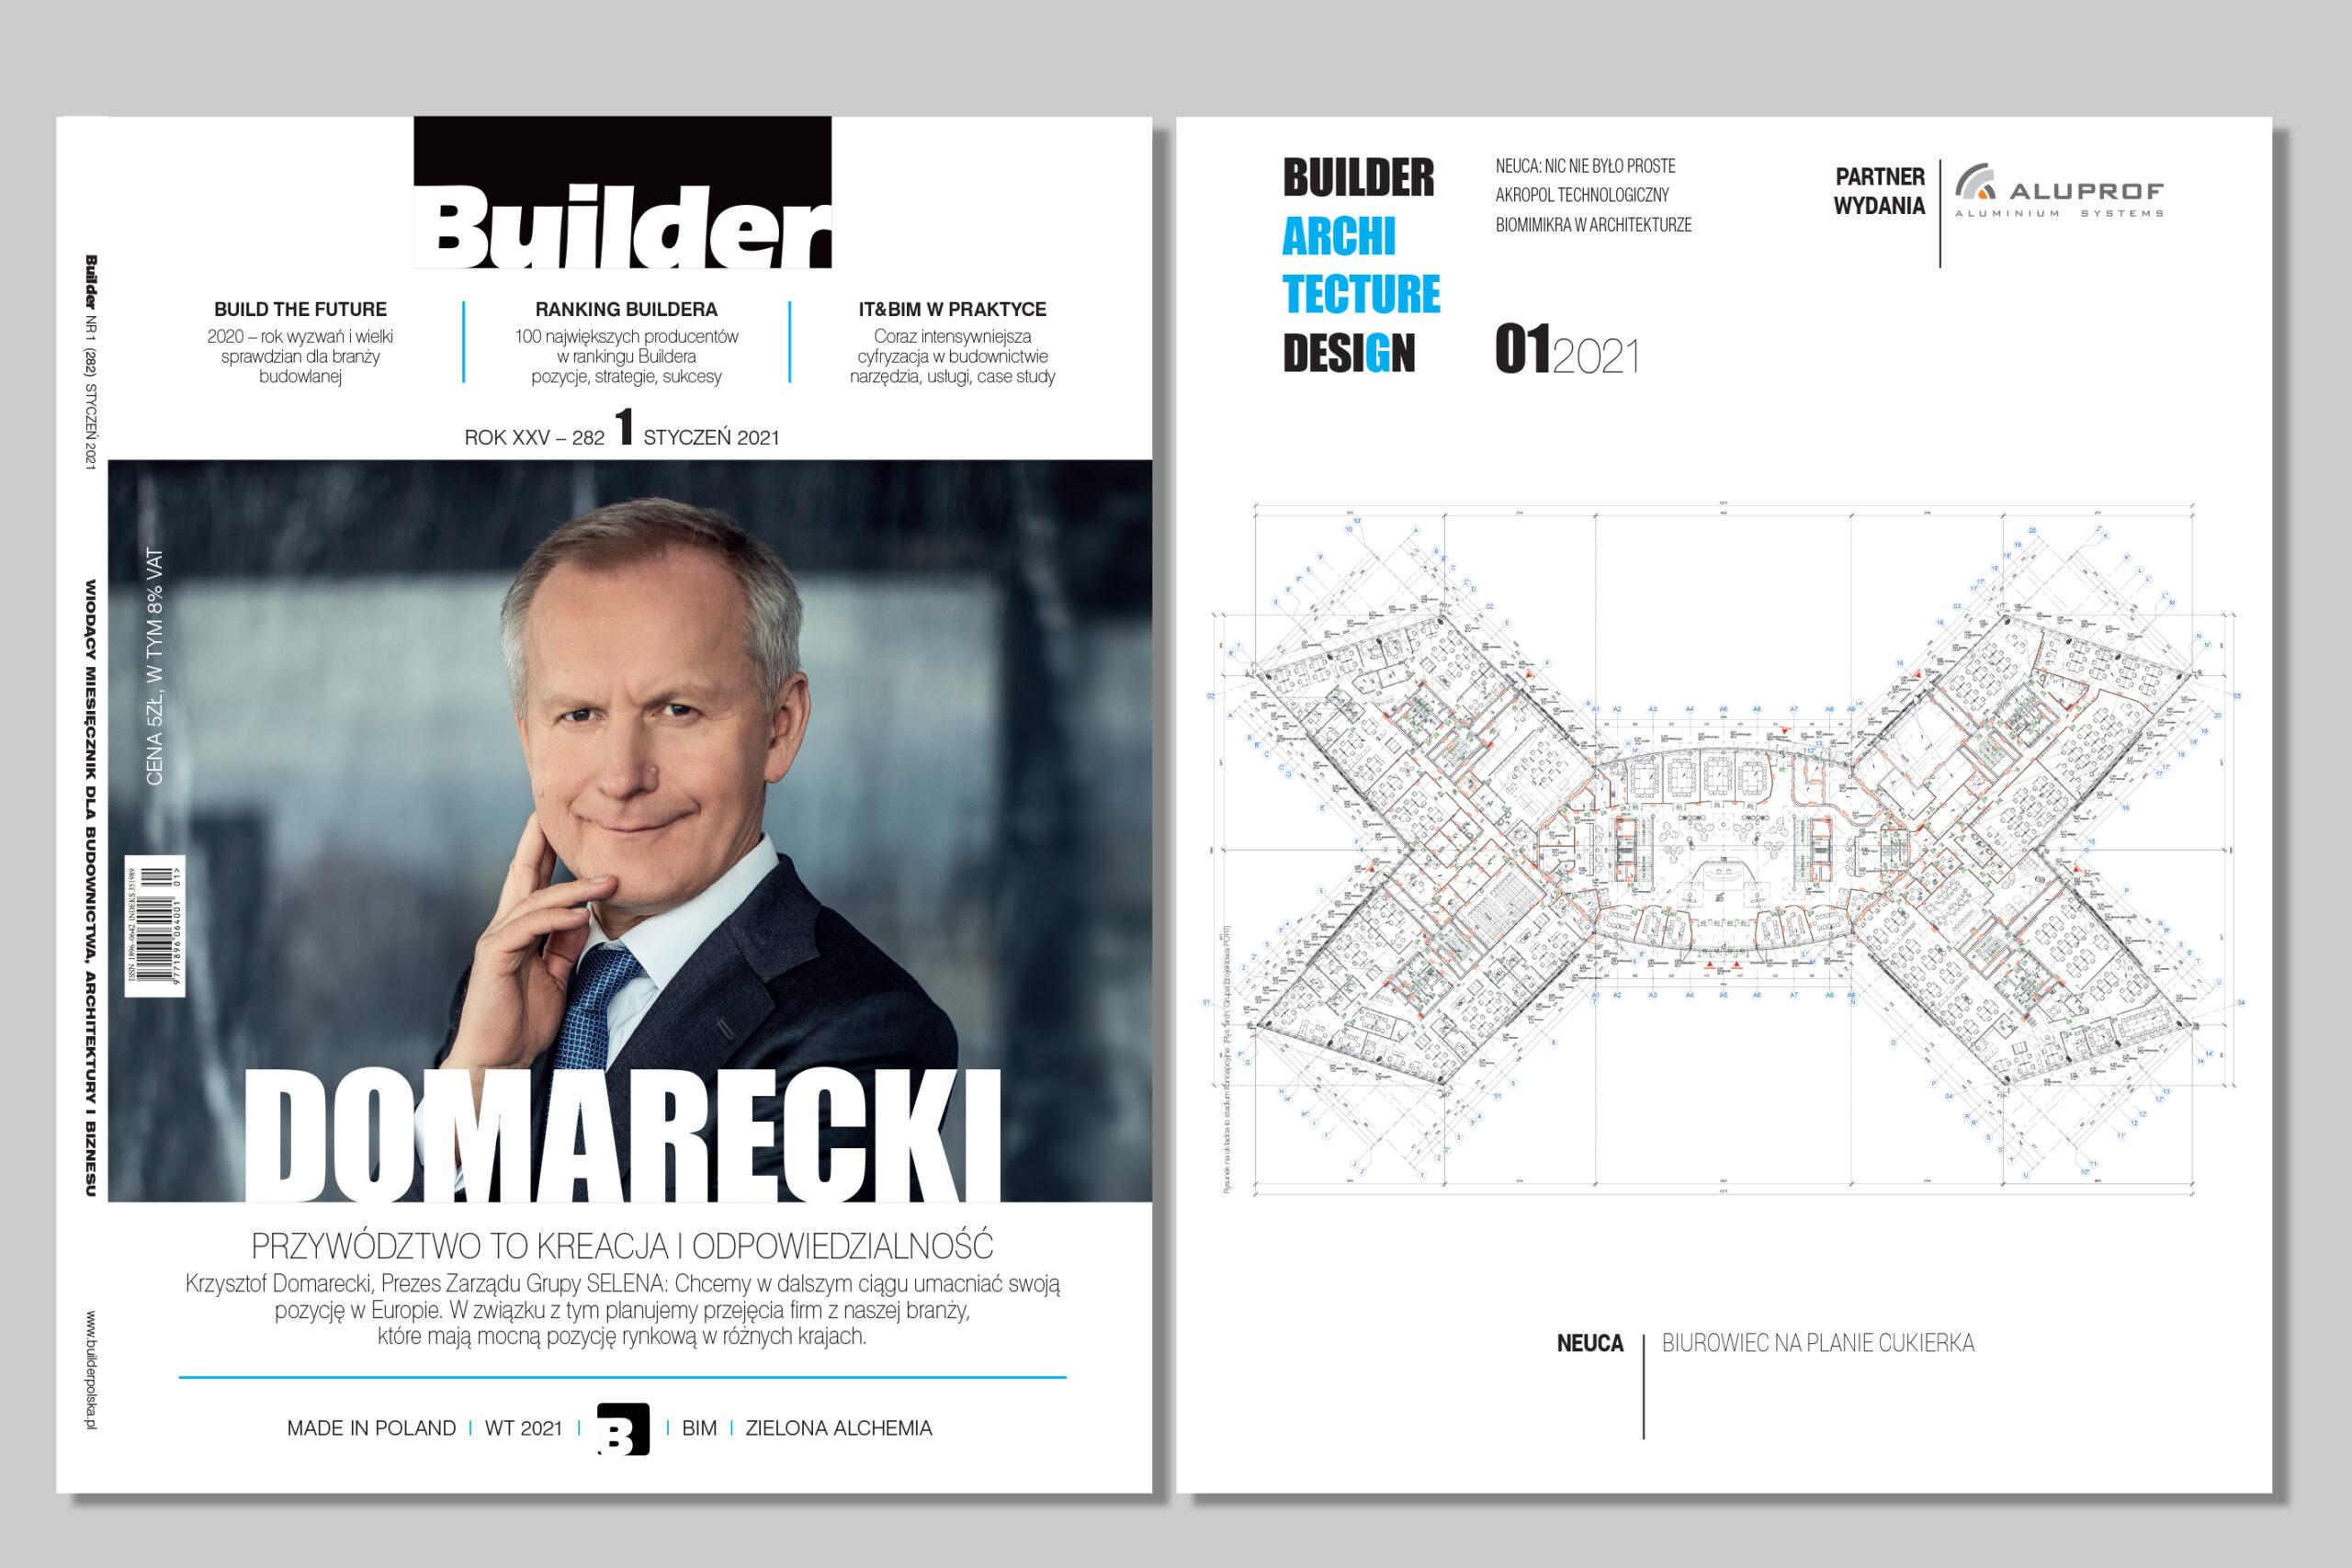 BUILDER – STYCZEŃ 2021